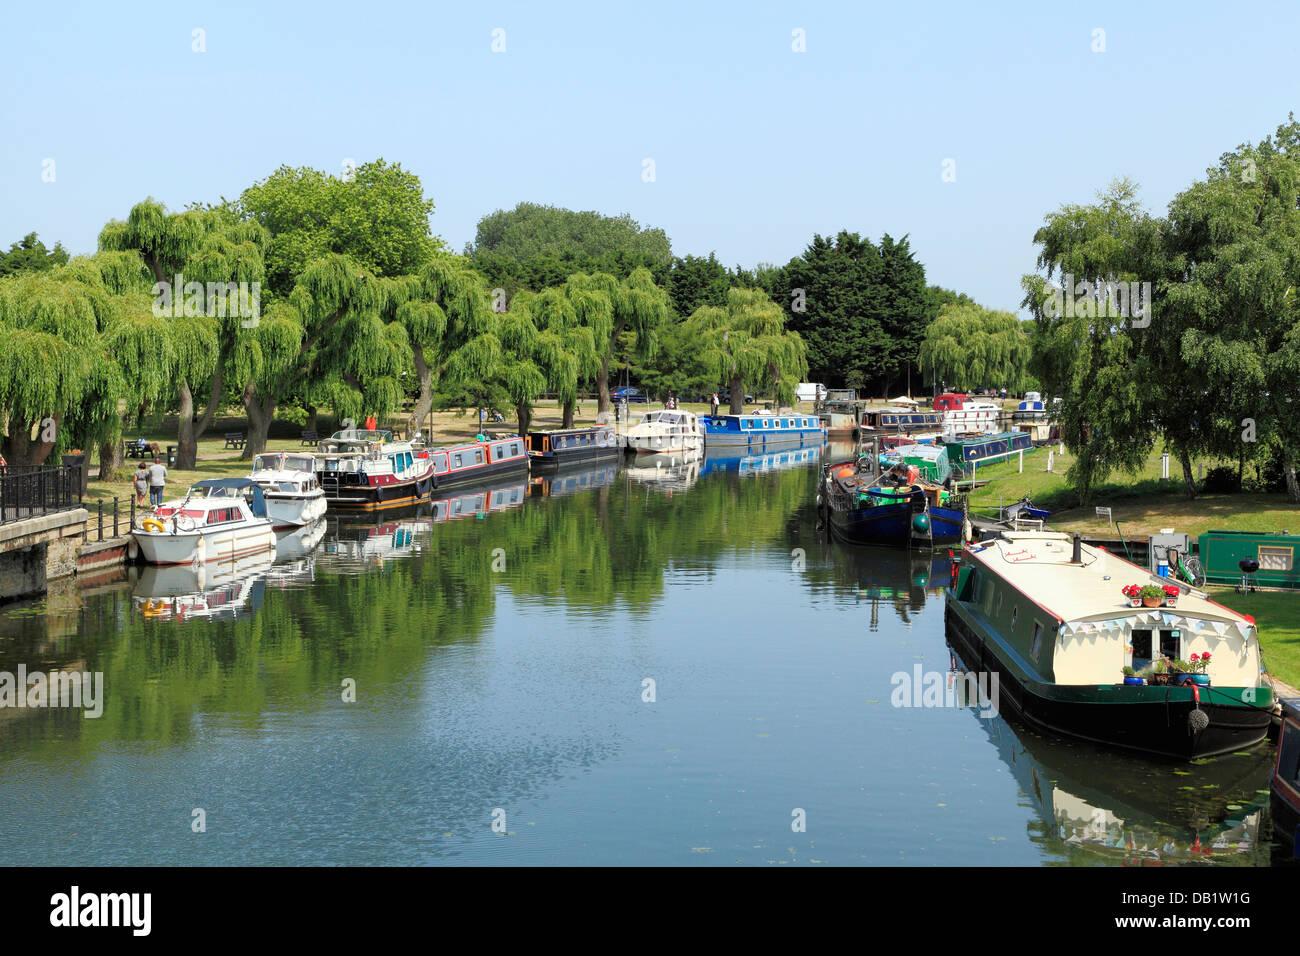 Ely, rivière Ouse, péniches et bateaux, rivières anglais riverside pubs inns pub, Cambridgeshire Photo Stock